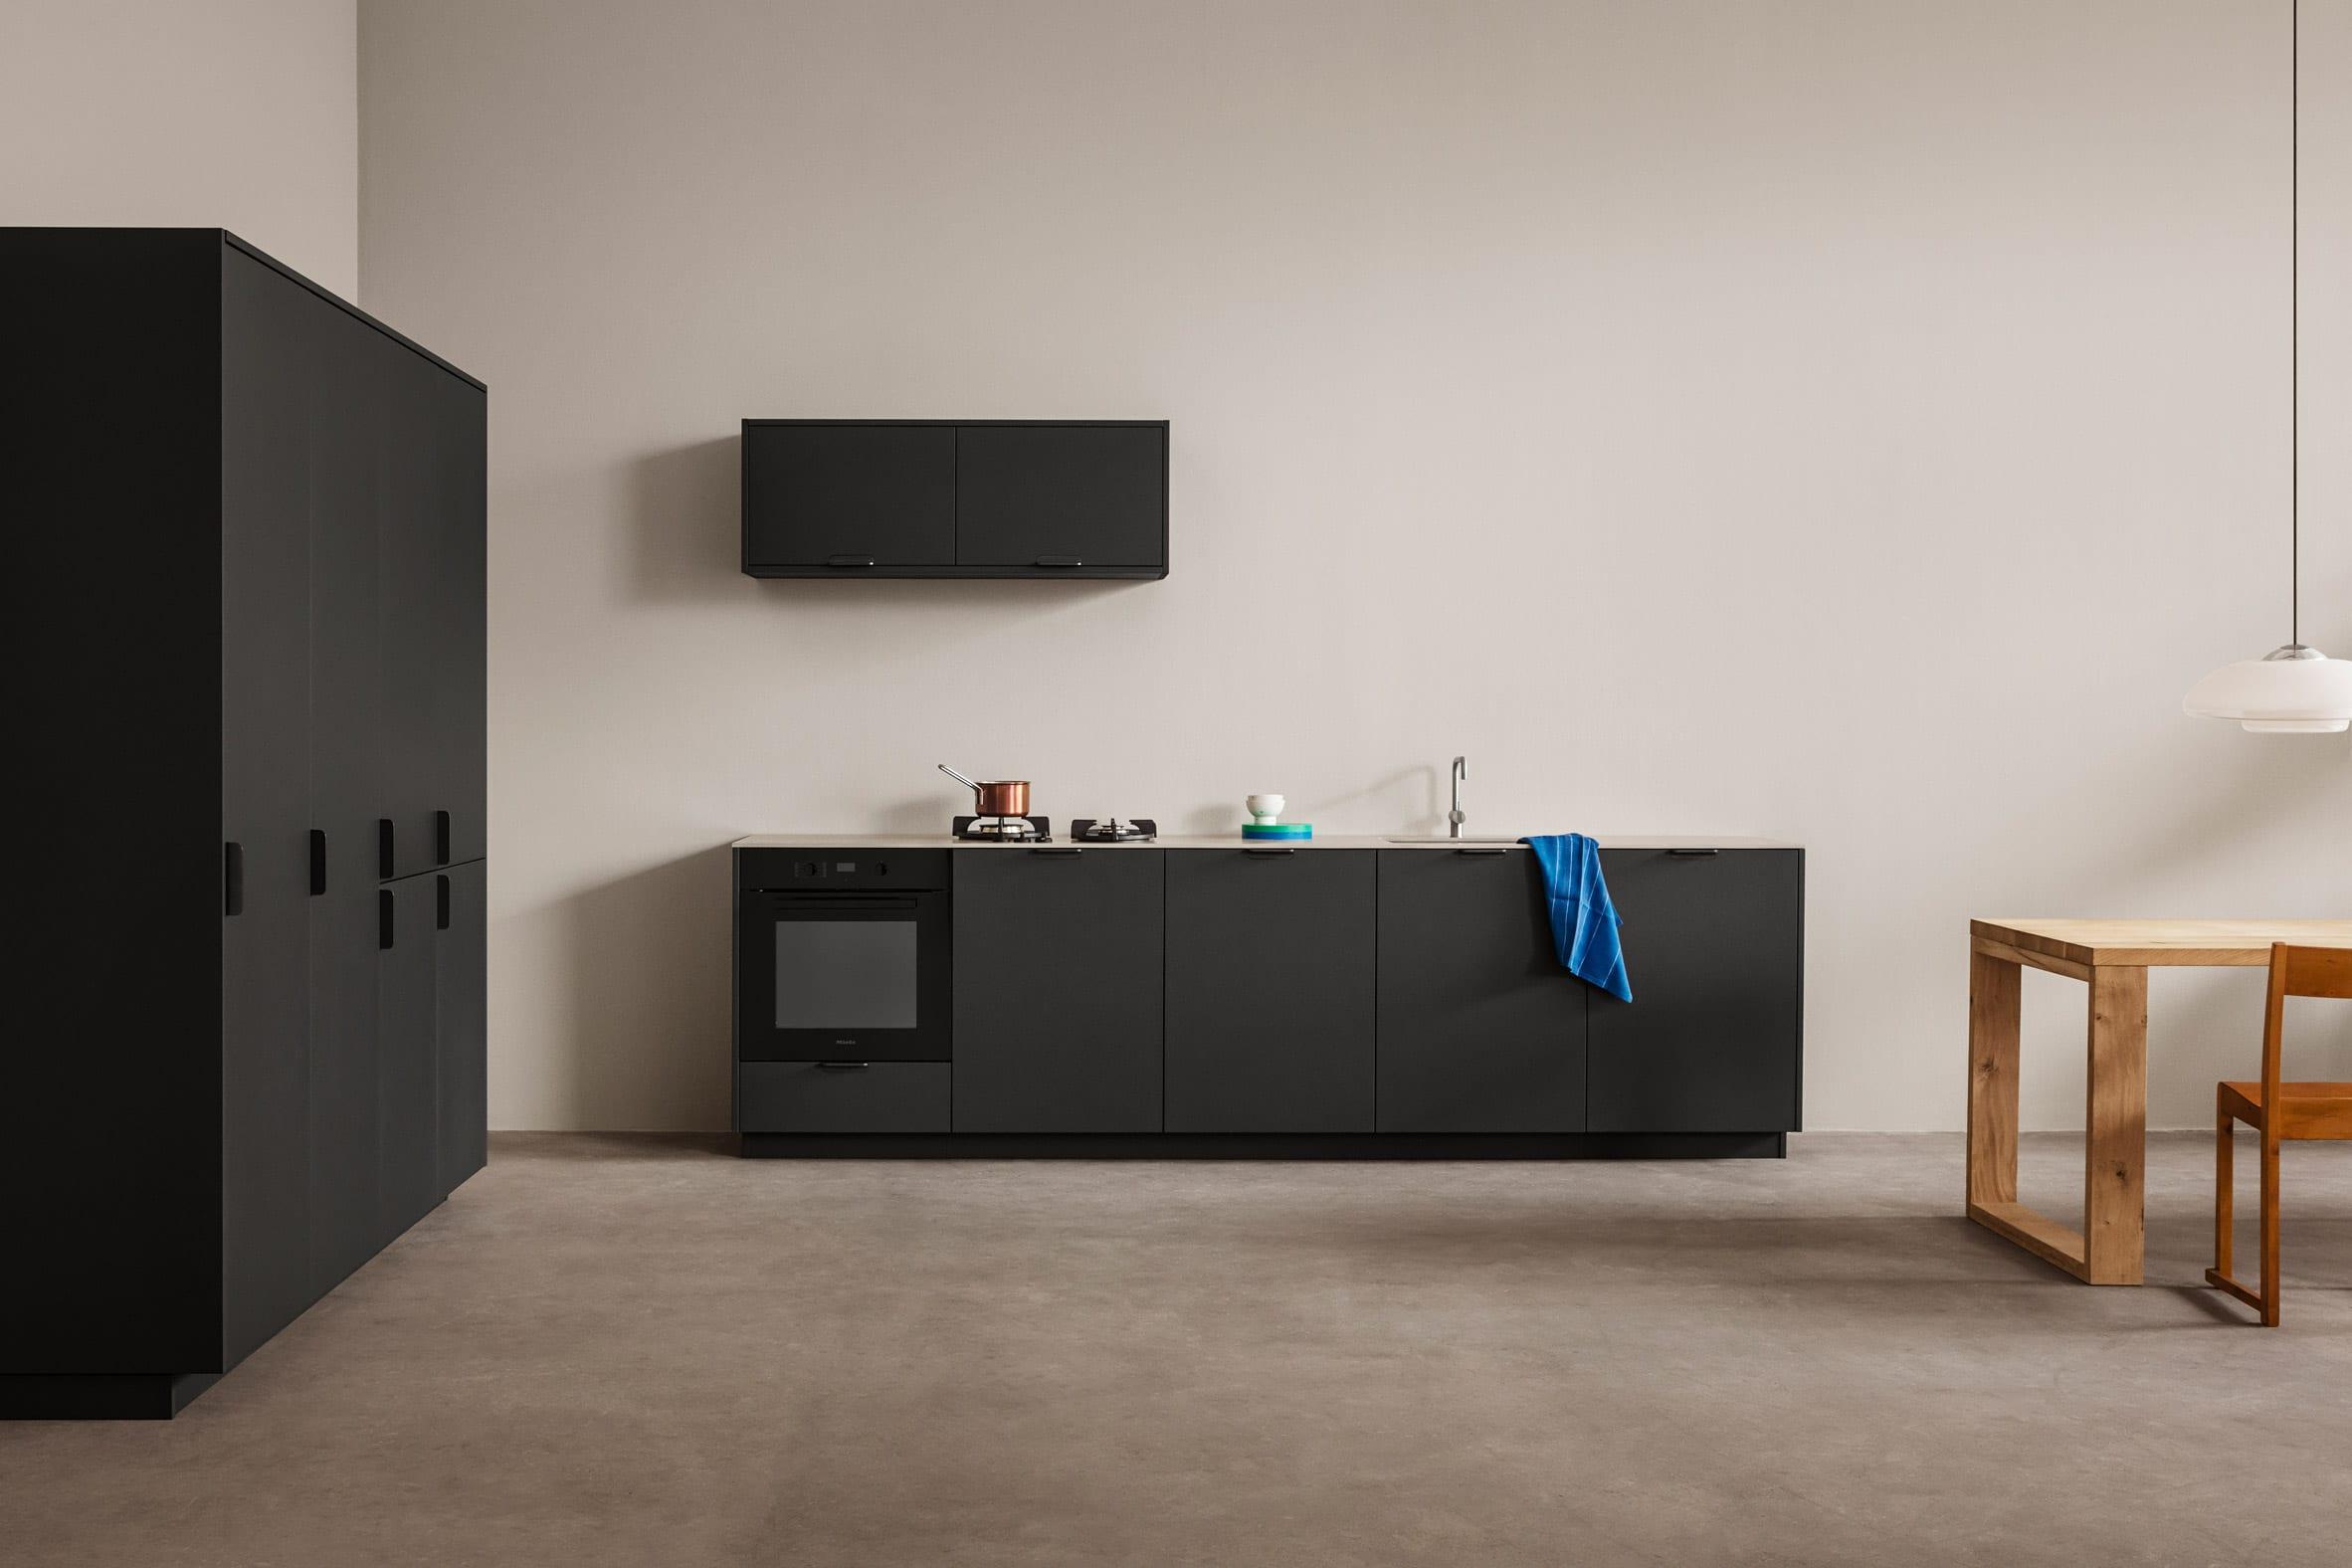 Matt black kitchen by Reform